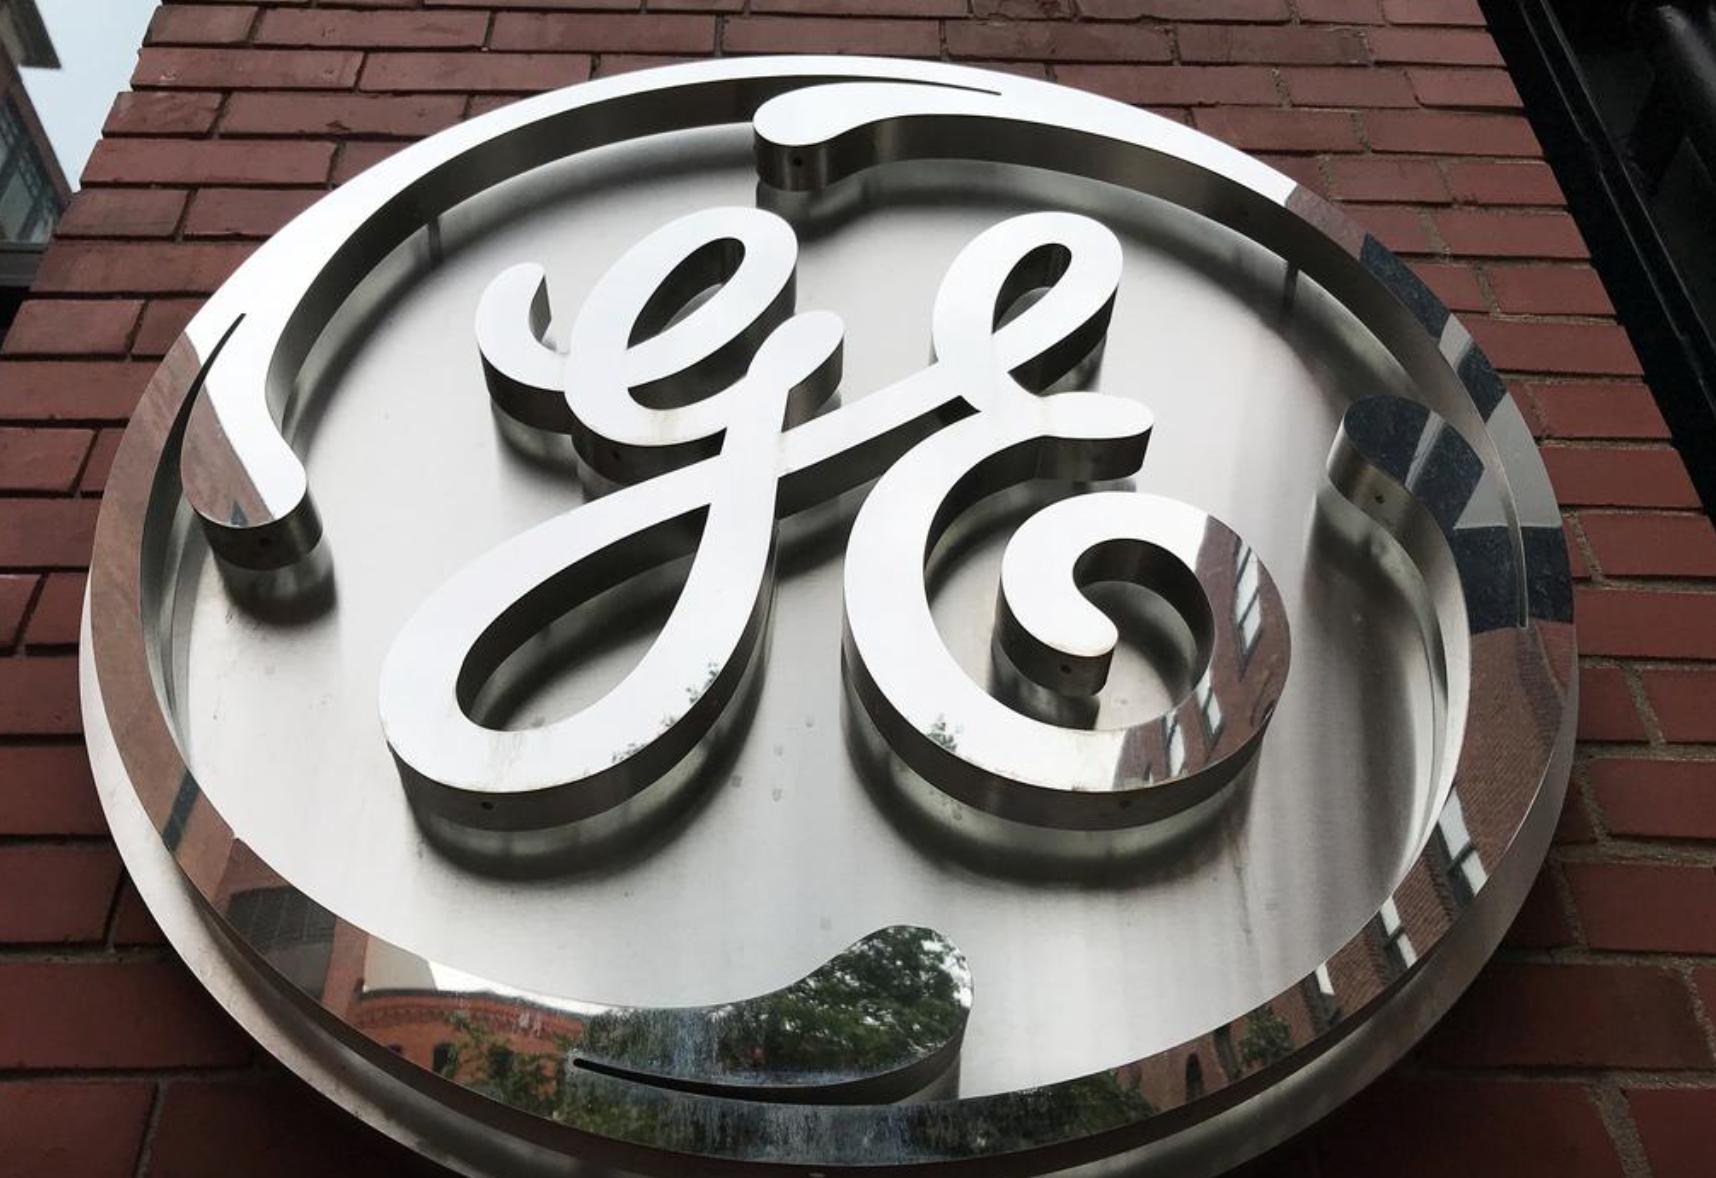 Công ty General Electric ký kết thỏa thuận năng lượng với một công ty Việt Nam